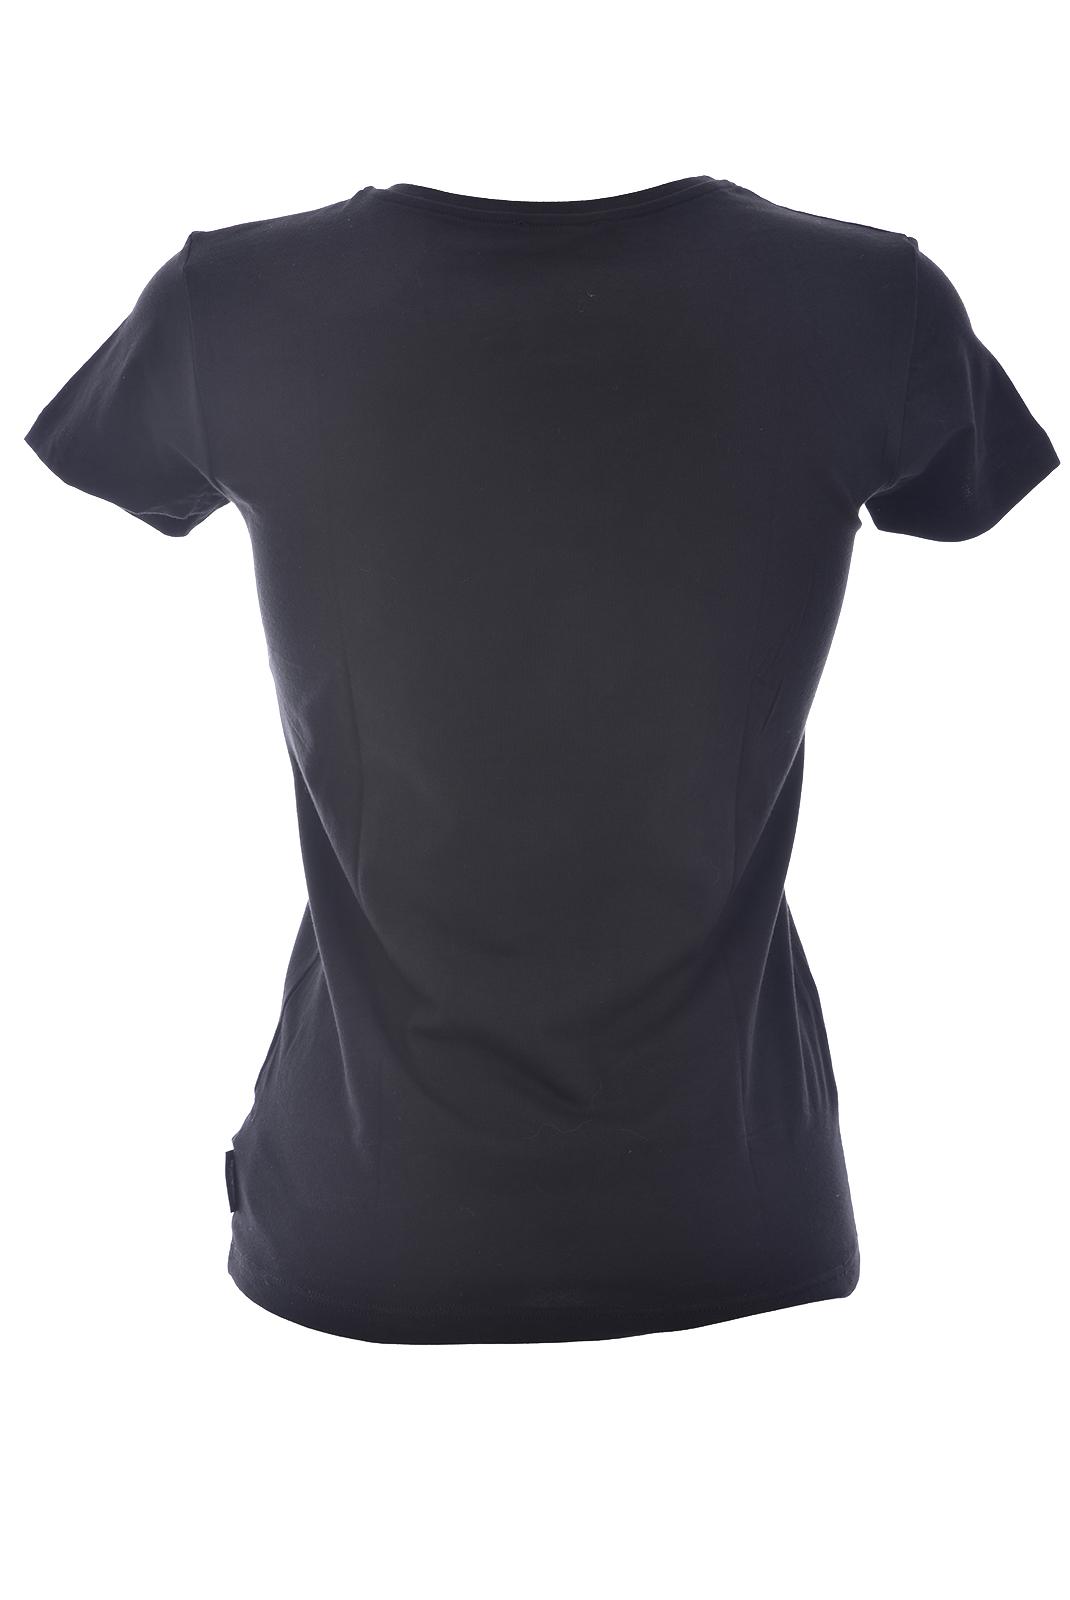 Tee shirt  Emporio armani 163321 8A317 002 NERO